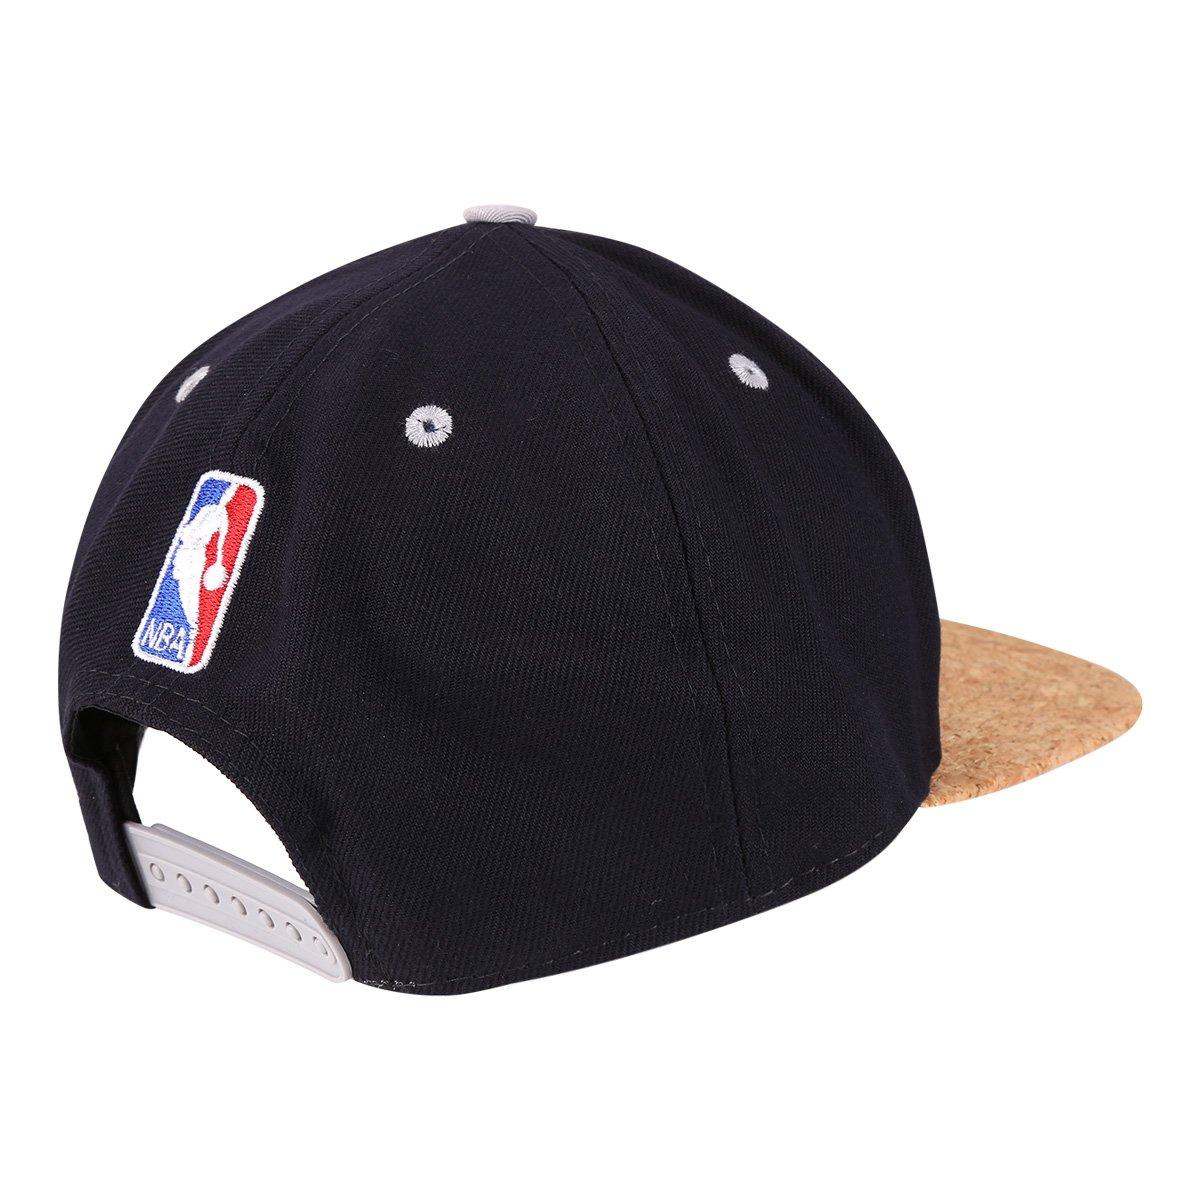 584cdb70bd88c Boné New Era NBA San Antonio Spurs Aba Reta Cork - Marinho - Compre ...